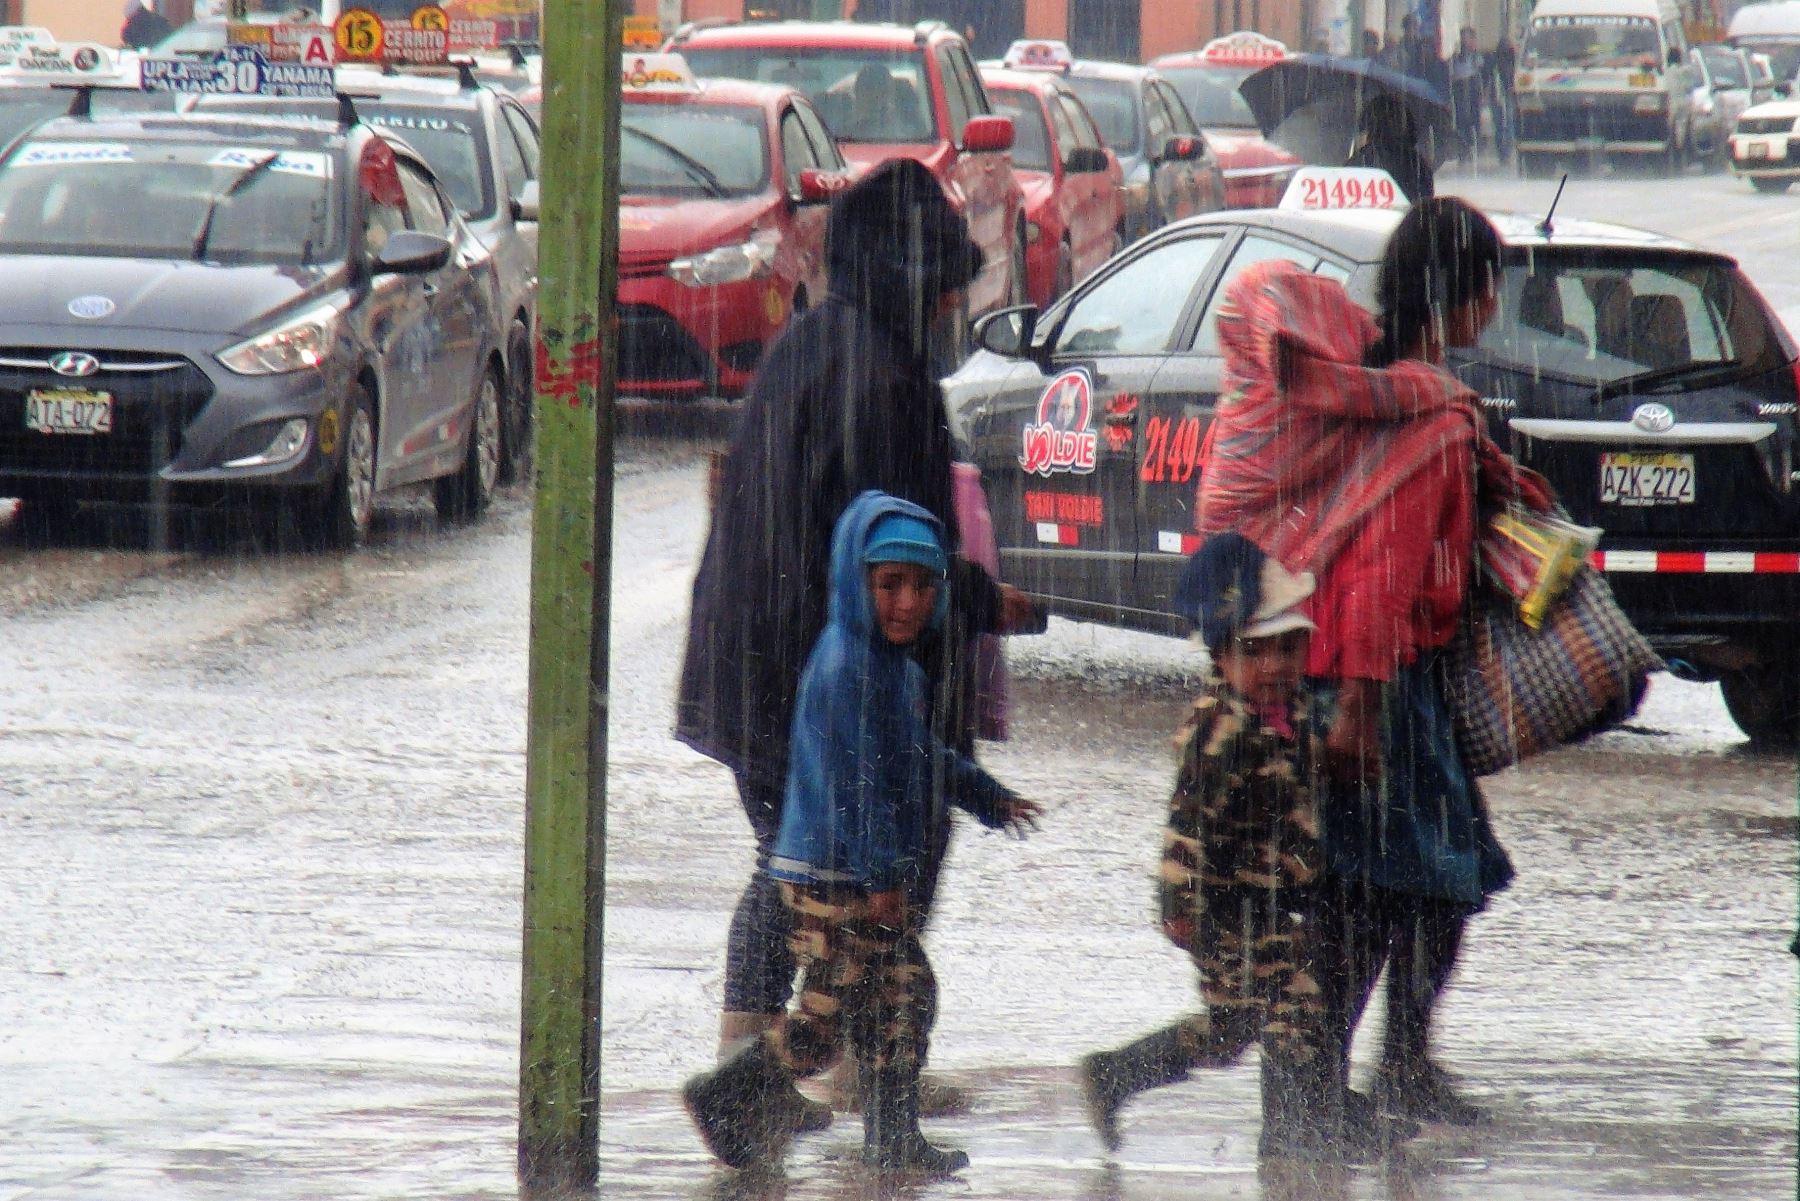 Desde esta tarde hasta el domingo 9 de setiembre se prevé lluvias de moderada intensidad y en forma localizada en la sierra sur del país, condición que pone en alerta a cinco regiones, informó el Servicio Nacional de Meteorología e Hidrología (Senamhi) al Centro de Operaciones de Emergencia Nacional (COEN). ANDINA/Archivo